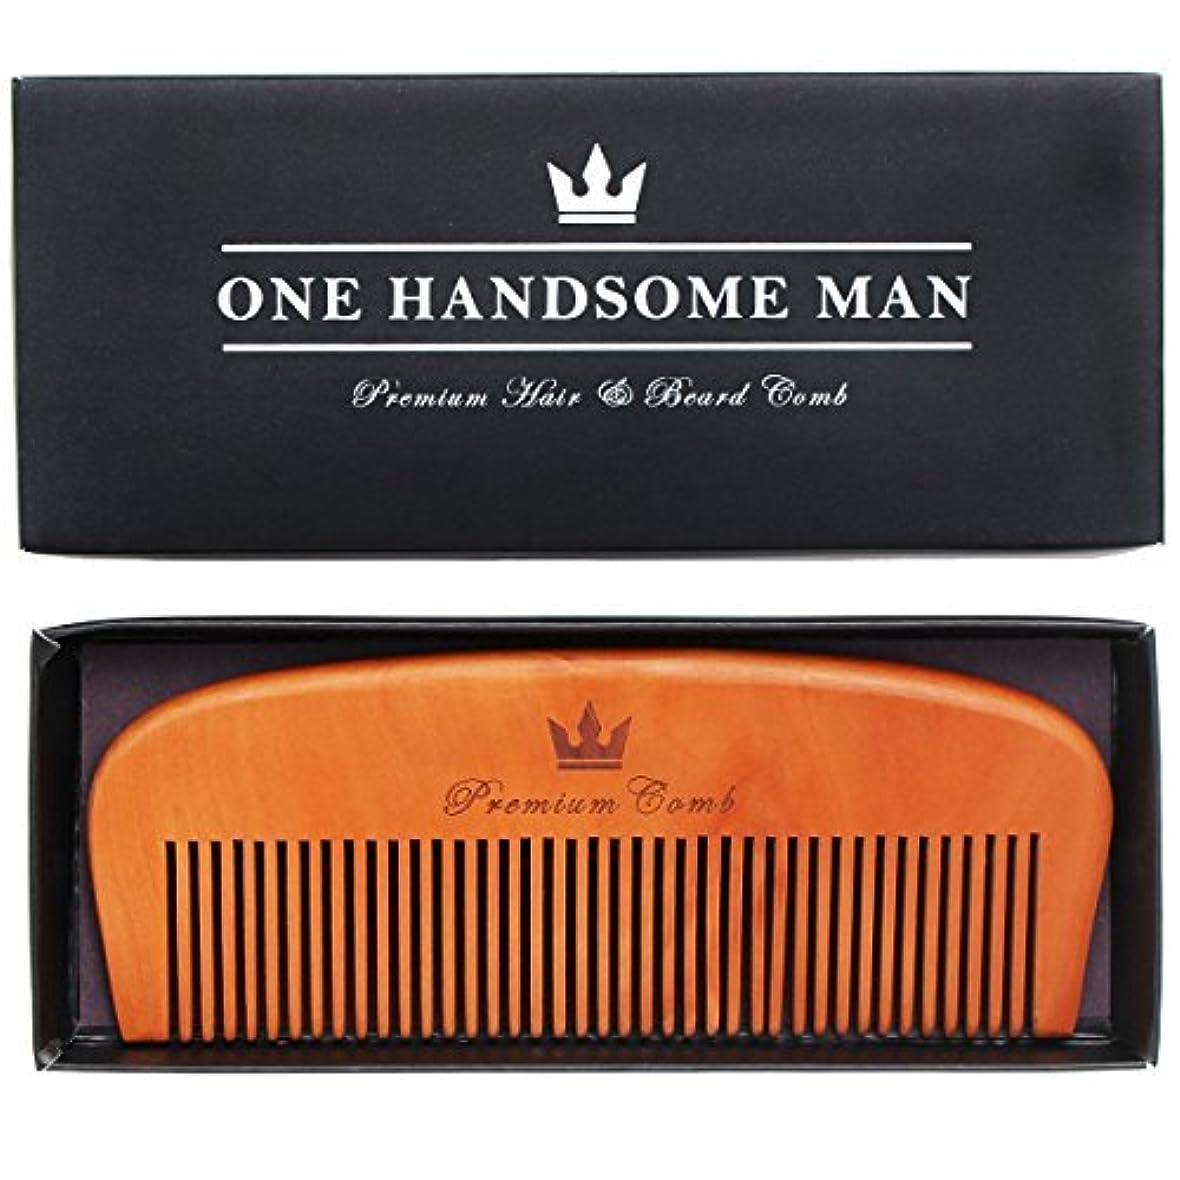 ディベート試す免疫Premium Hair and Beard Comb - Quality Design with Gift Box. Perfect for Beards, Mustaches, or Head Hair. [並行輸入品]